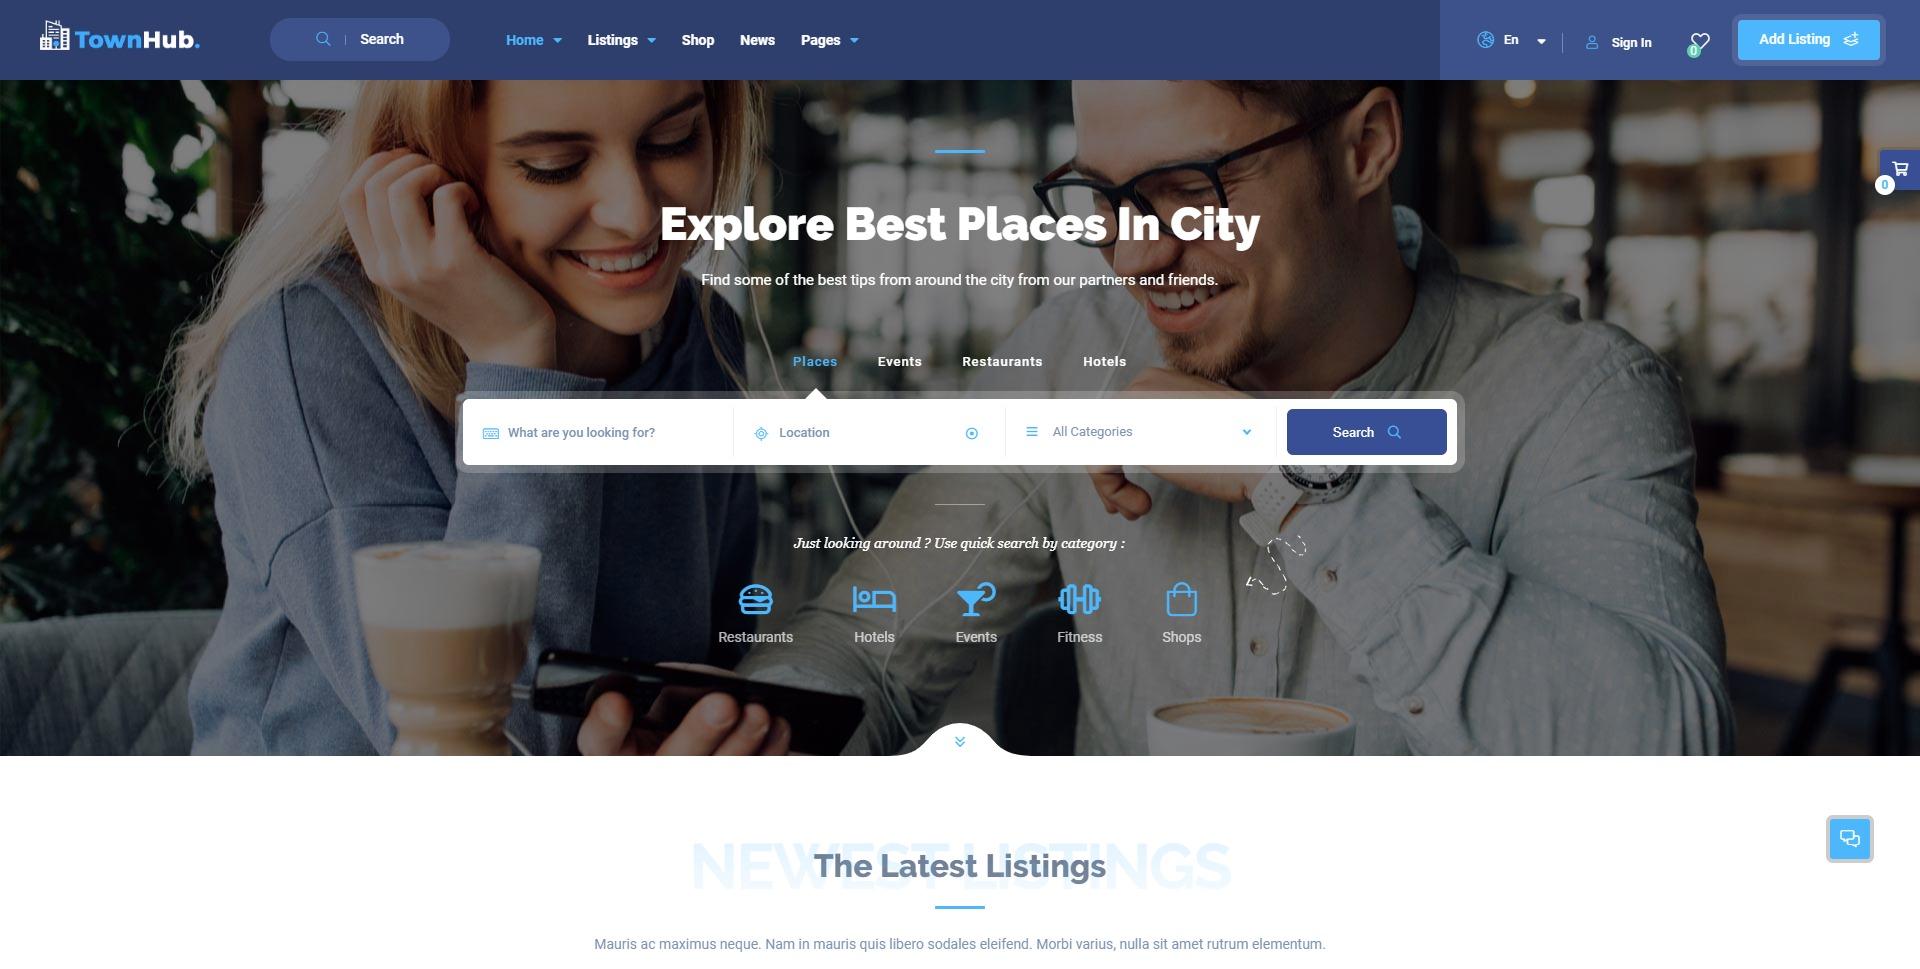 TownHub-商家打卡网红店点评分享WordPress主题